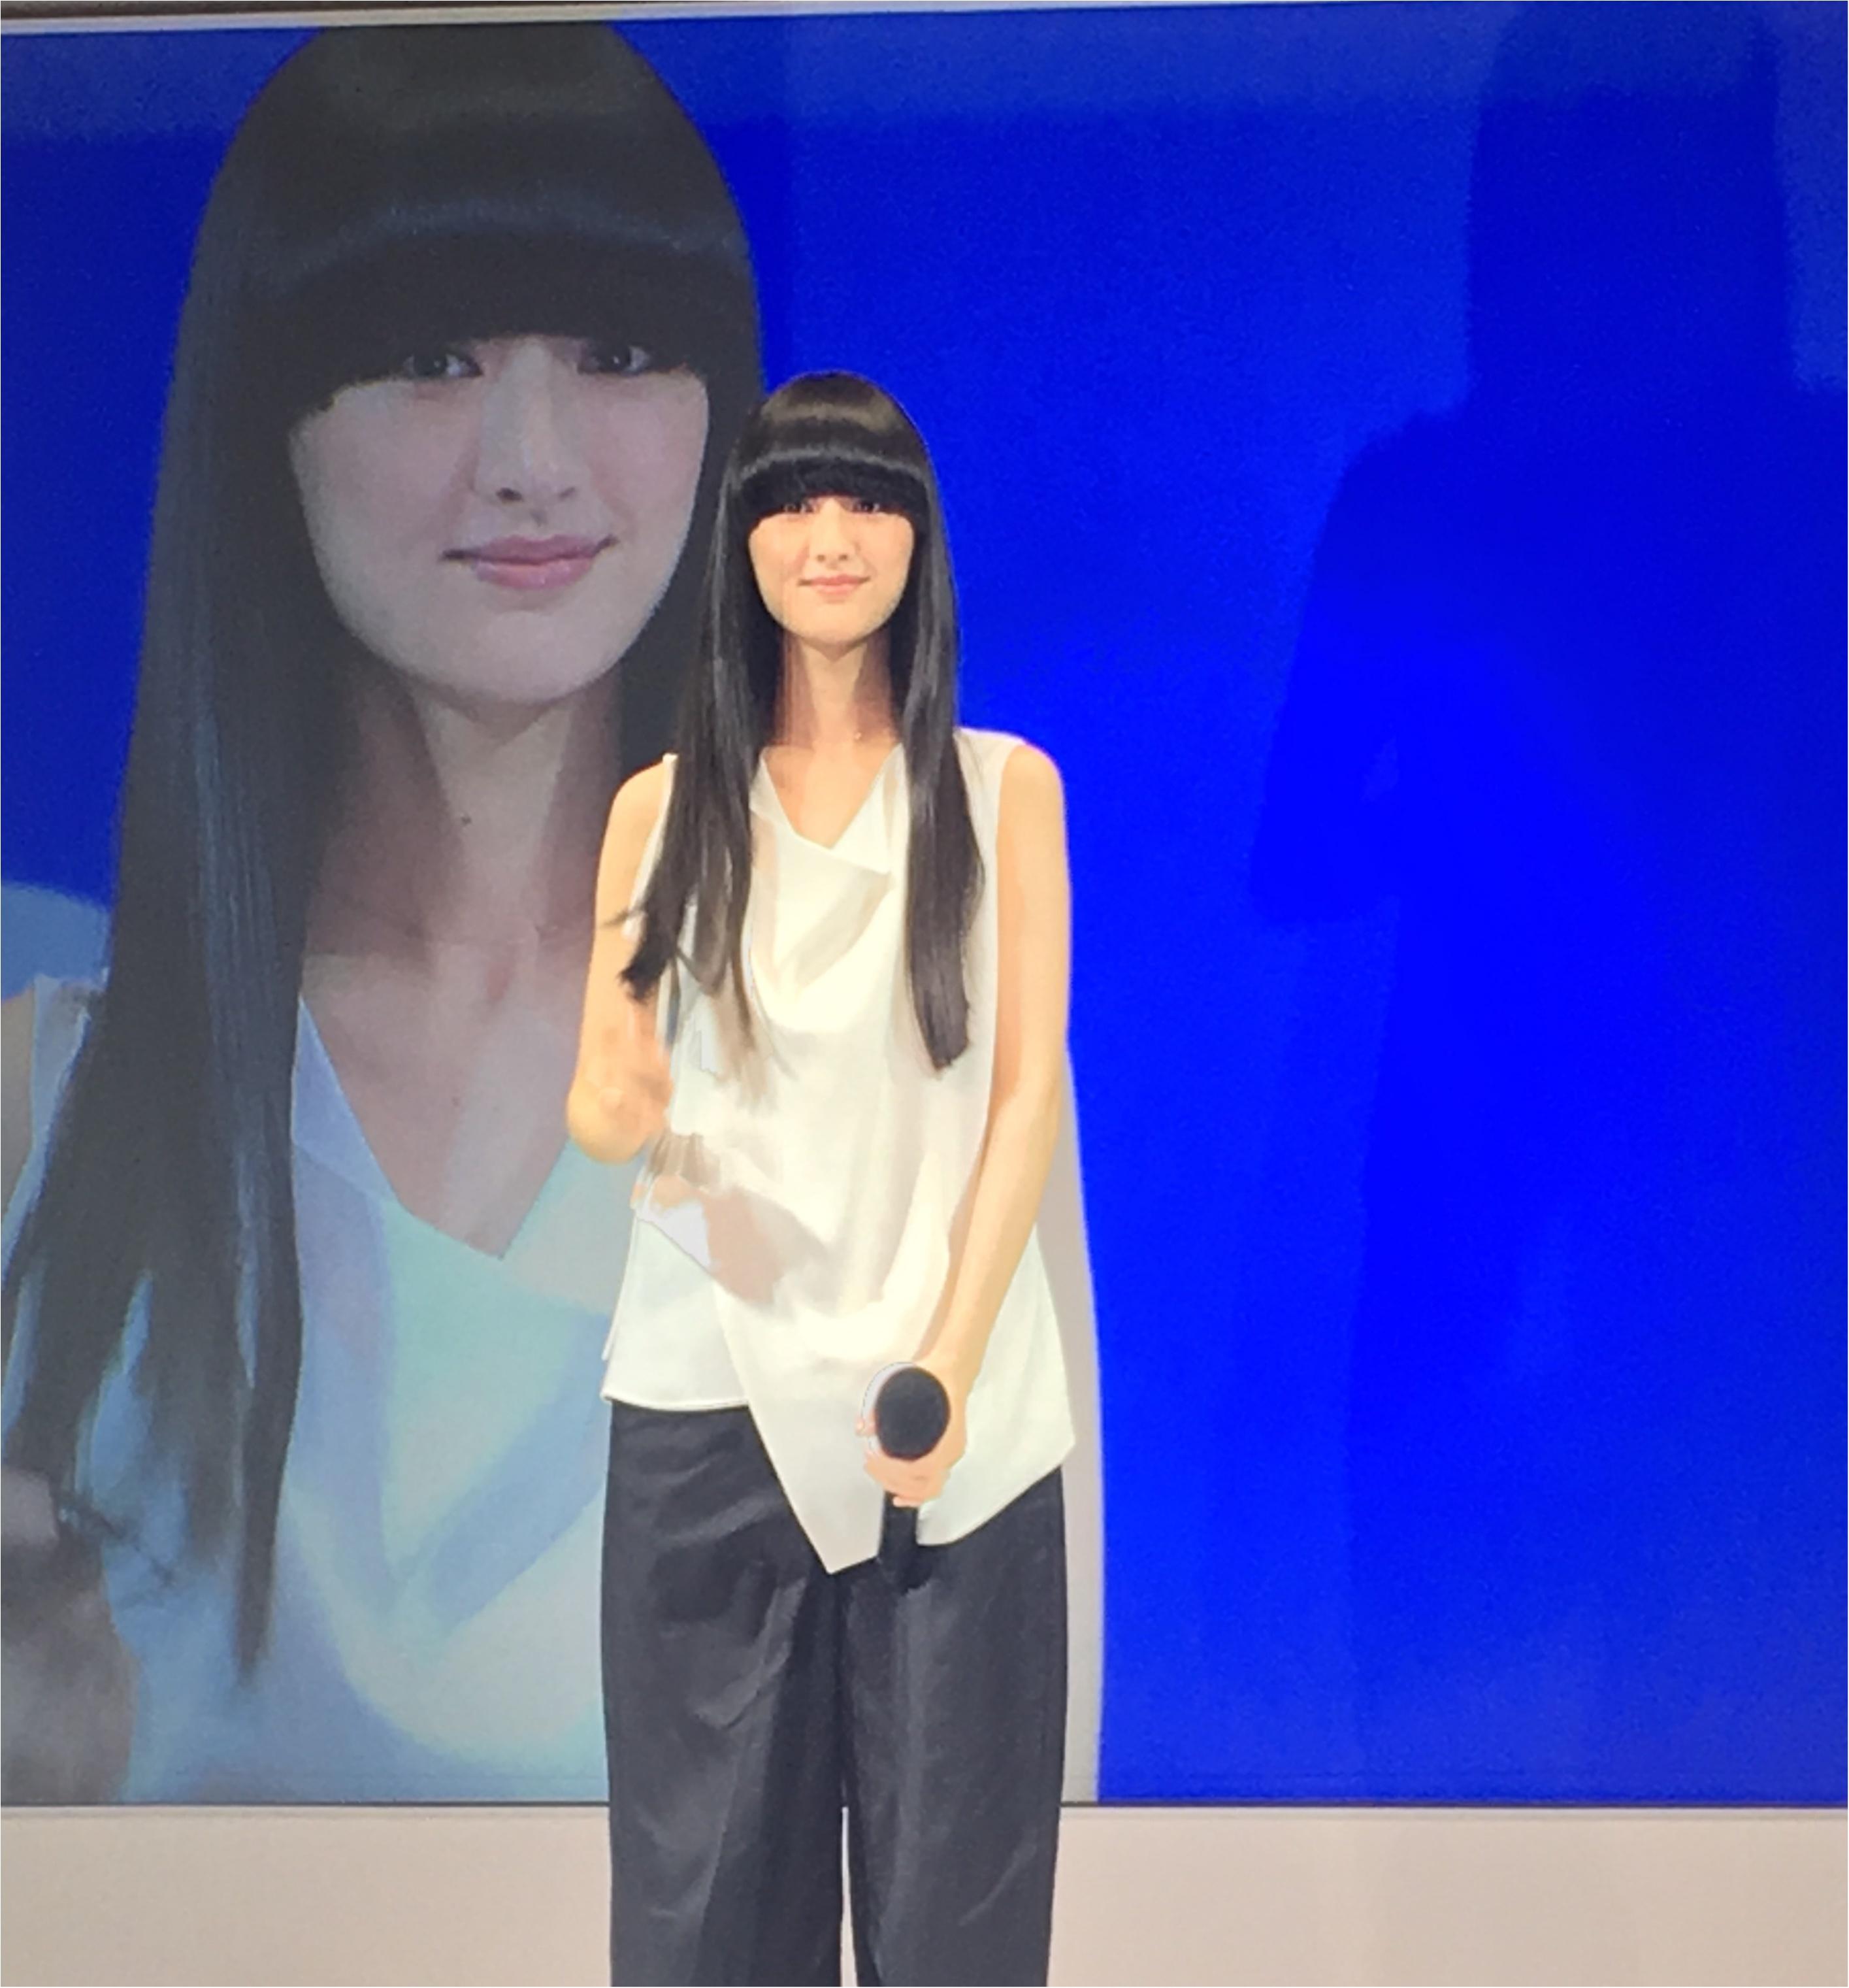 ヘア&メイク小田切ヒロさんも登場! 「ダイソン スーパーソニック ヘアドライヤー」の新製品発表会に潜入☆_4